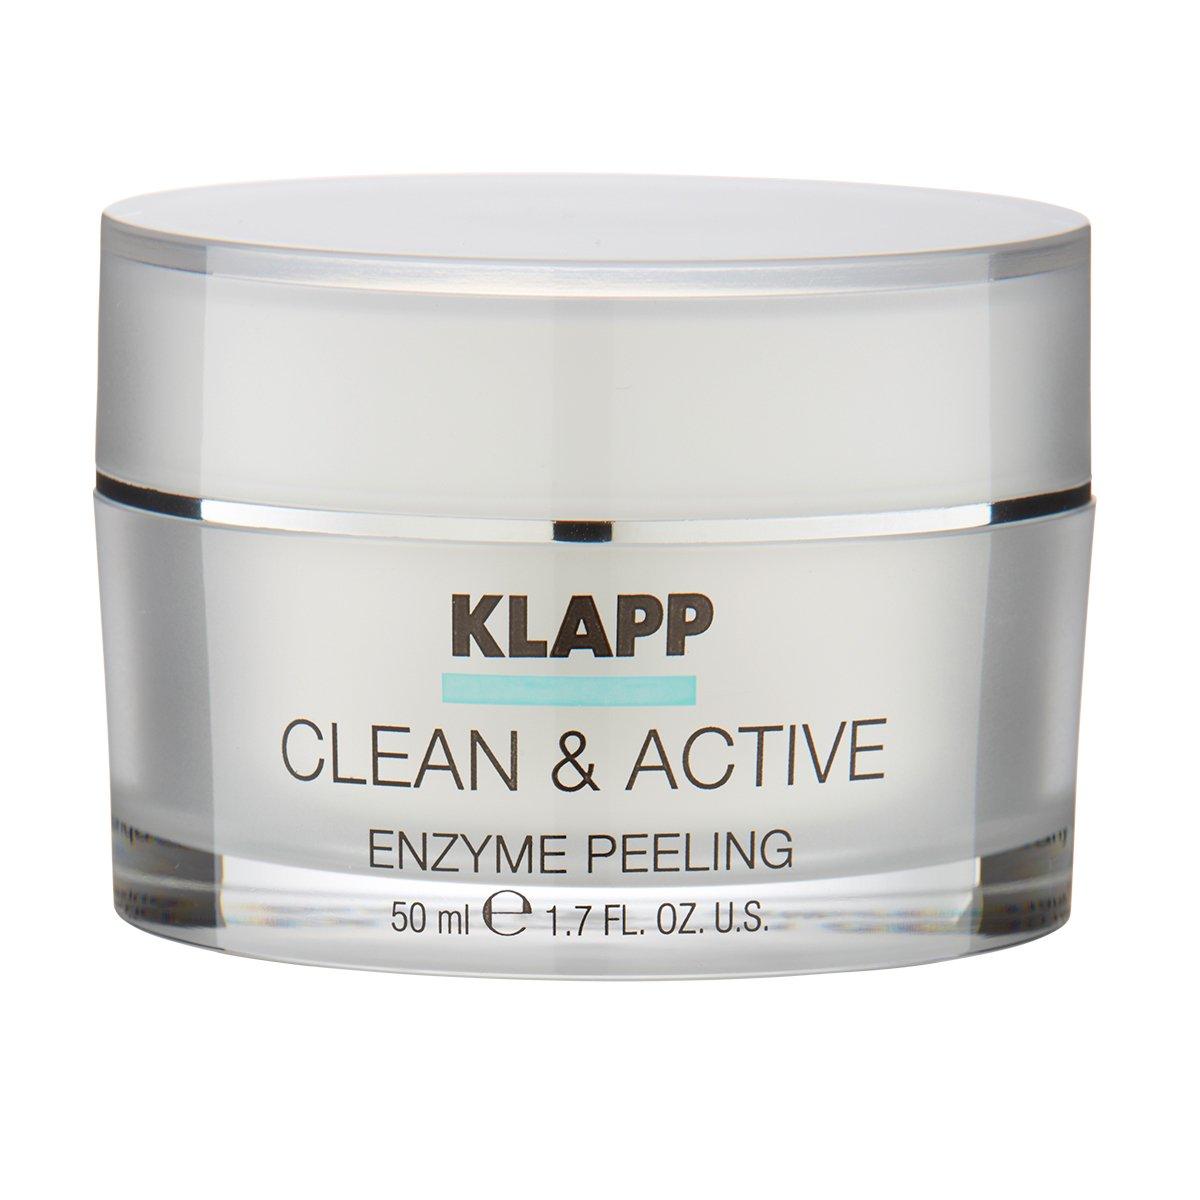 Klapp - Clean & Active - Enzyme Peeling - 50 ml 1205